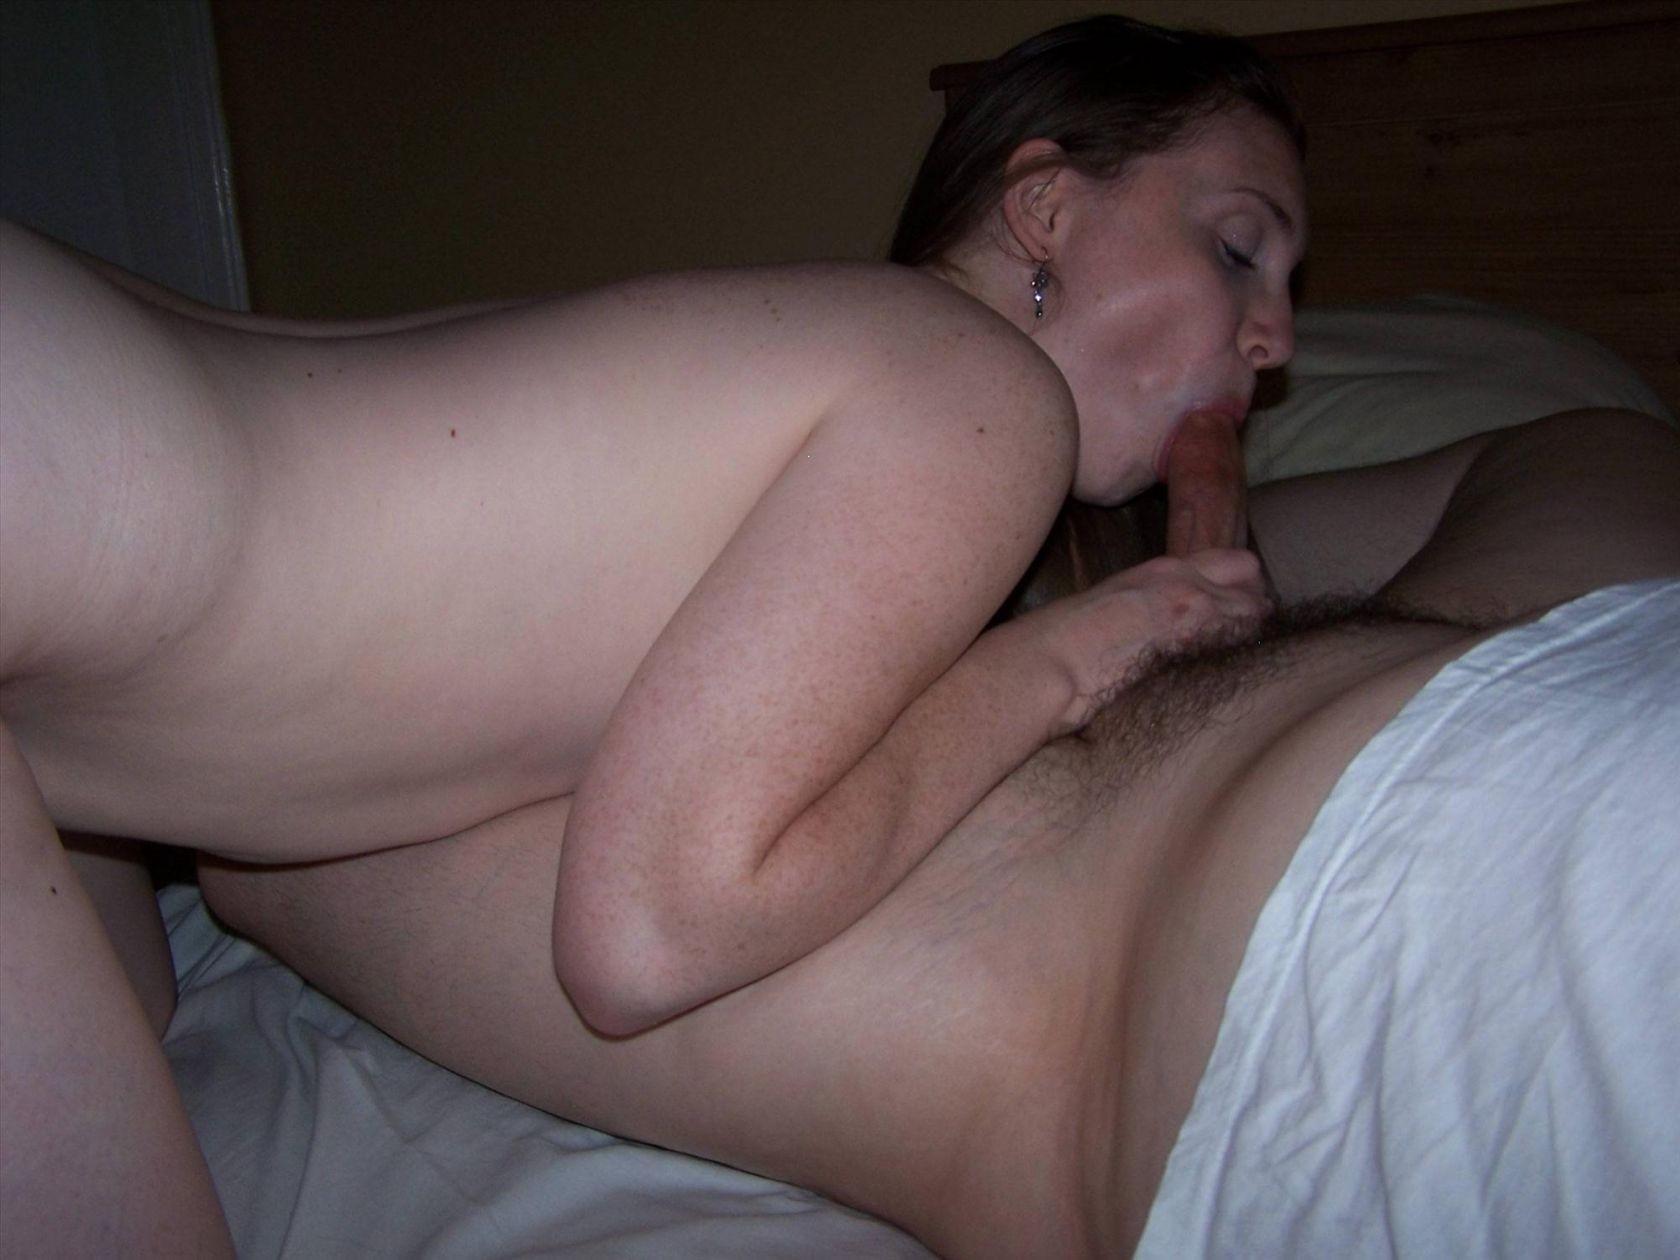 Кровати вечером жена любит сосать член у мужа фото любительское